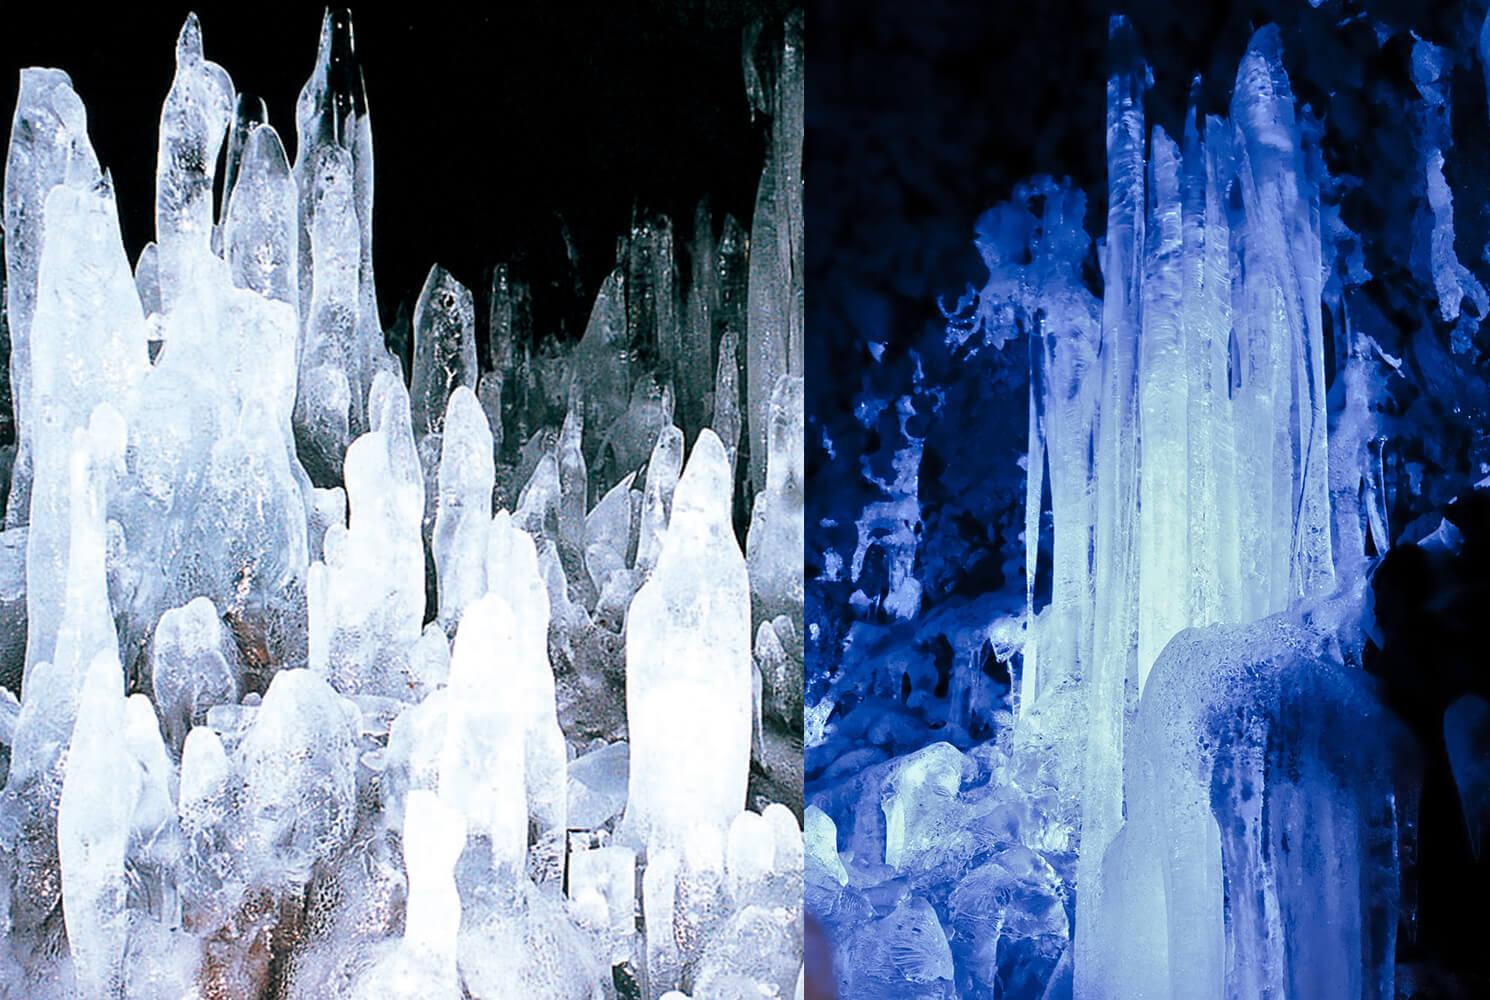 テラスダイニング シェフズレシピの周辺観光 鳴沢氷穴